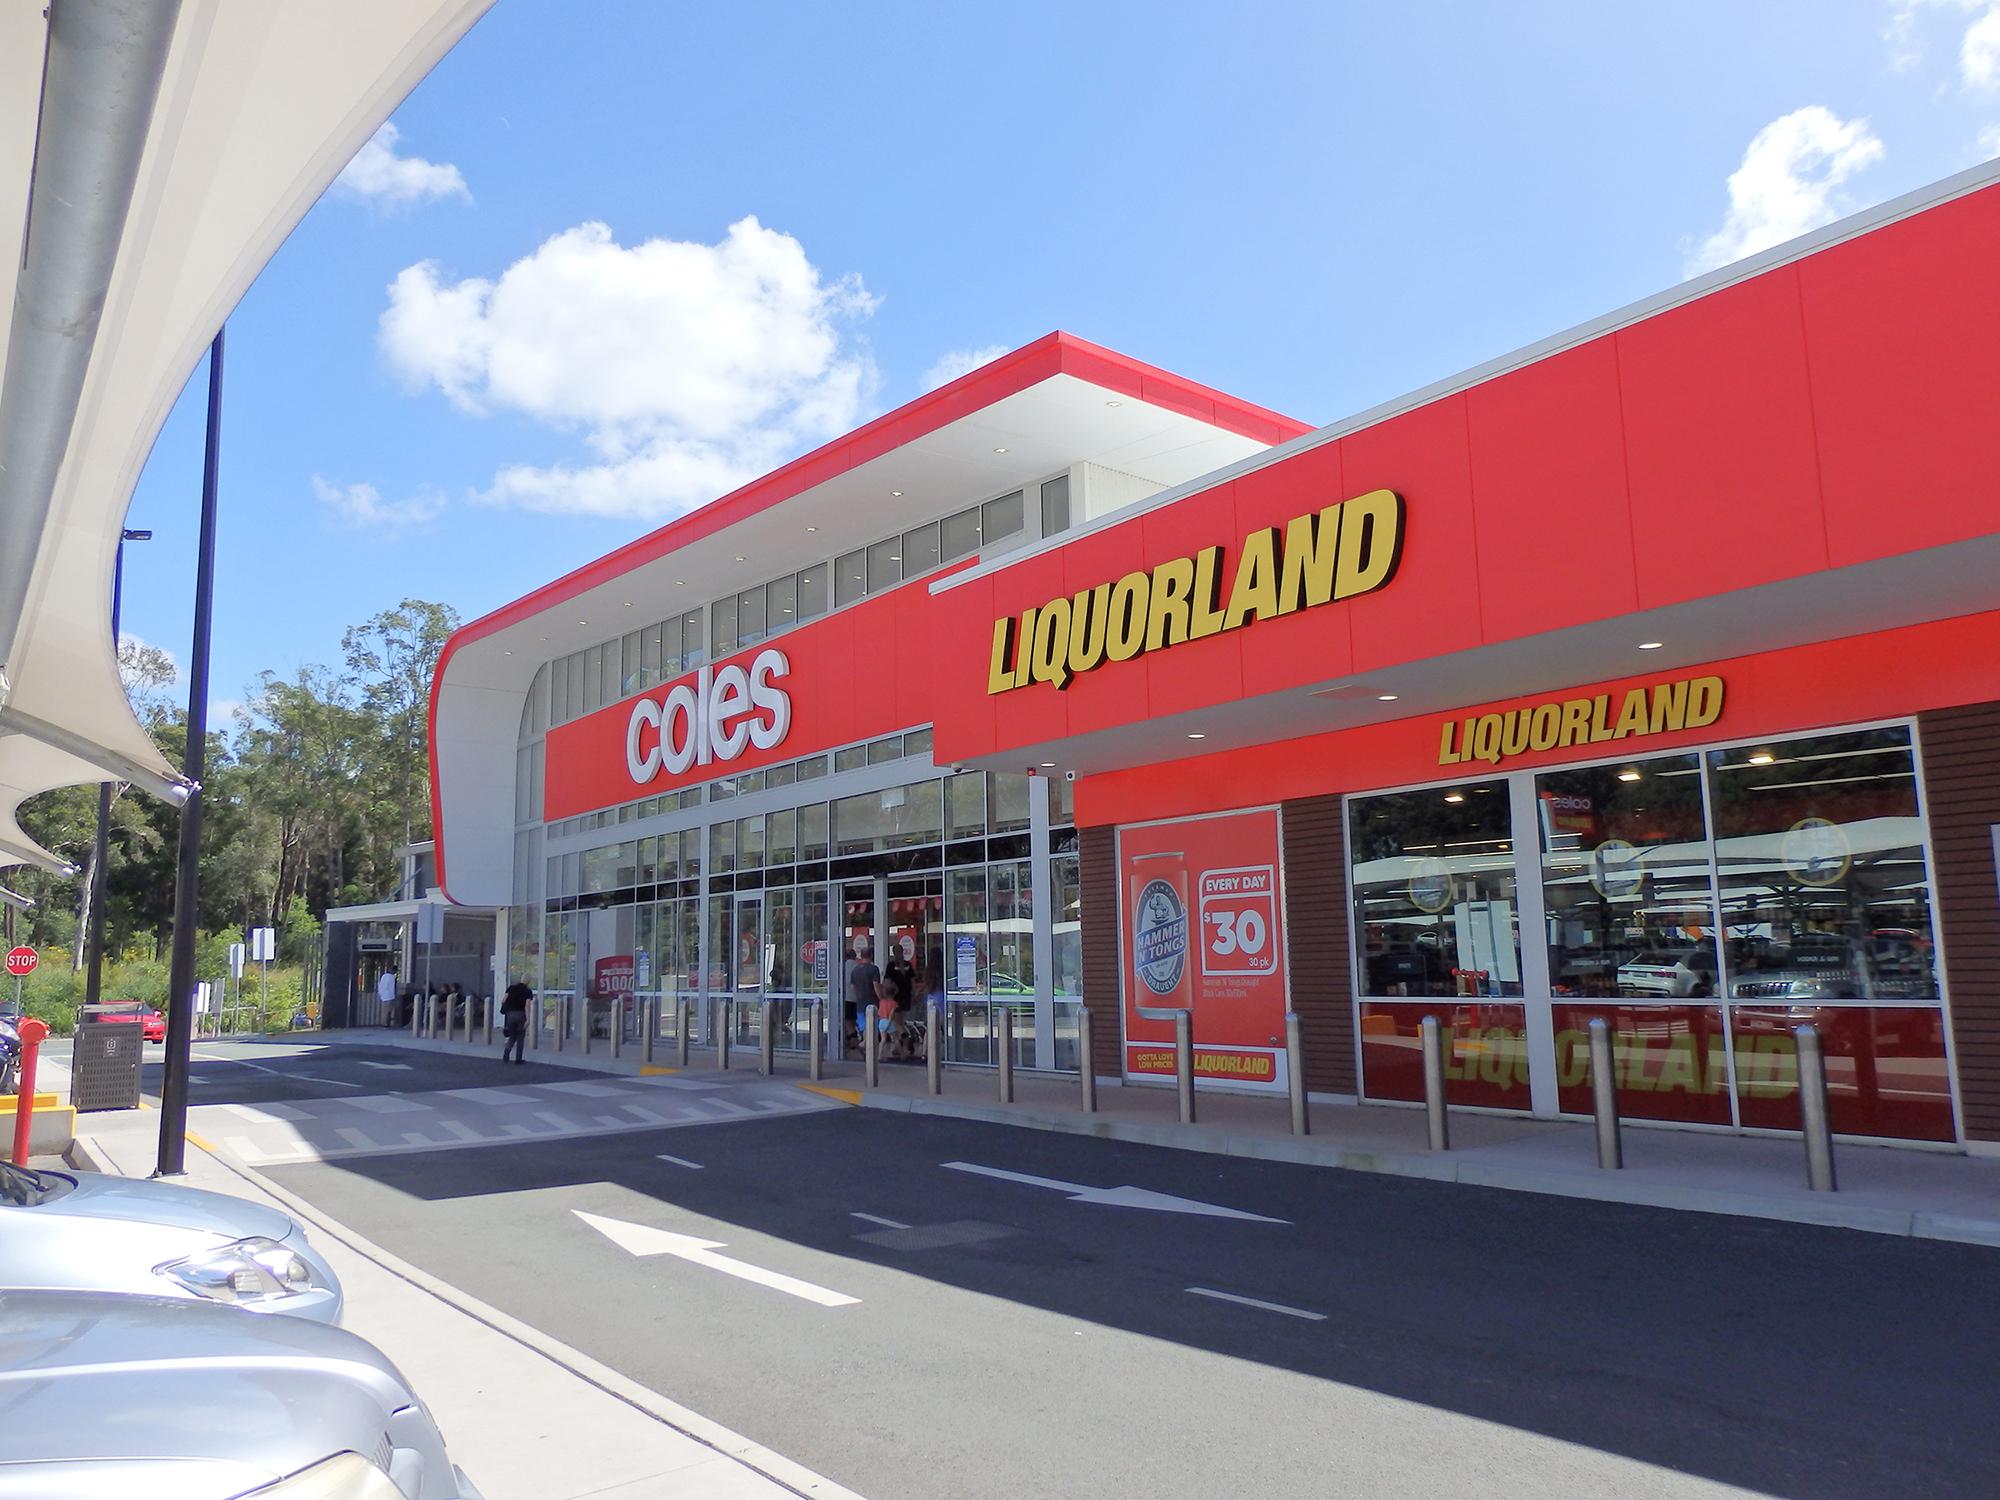 Coles Liquorland